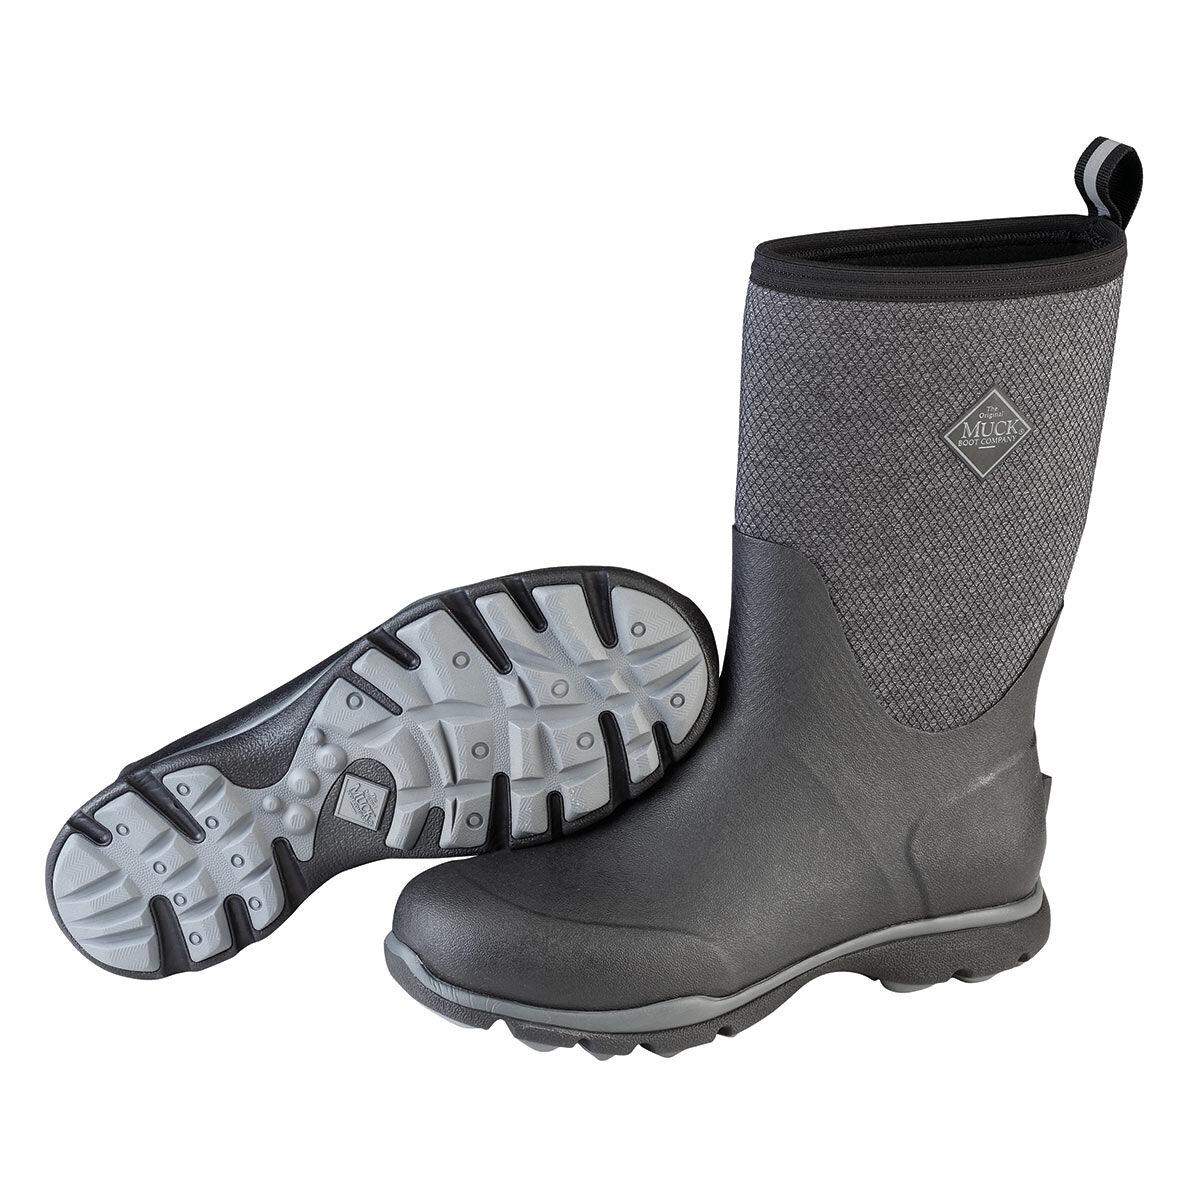 Covalliero Chaussures Noires Pour L'hiver Avec Fermeture Velcro Pour Les Femmes BxCTUNRXgw